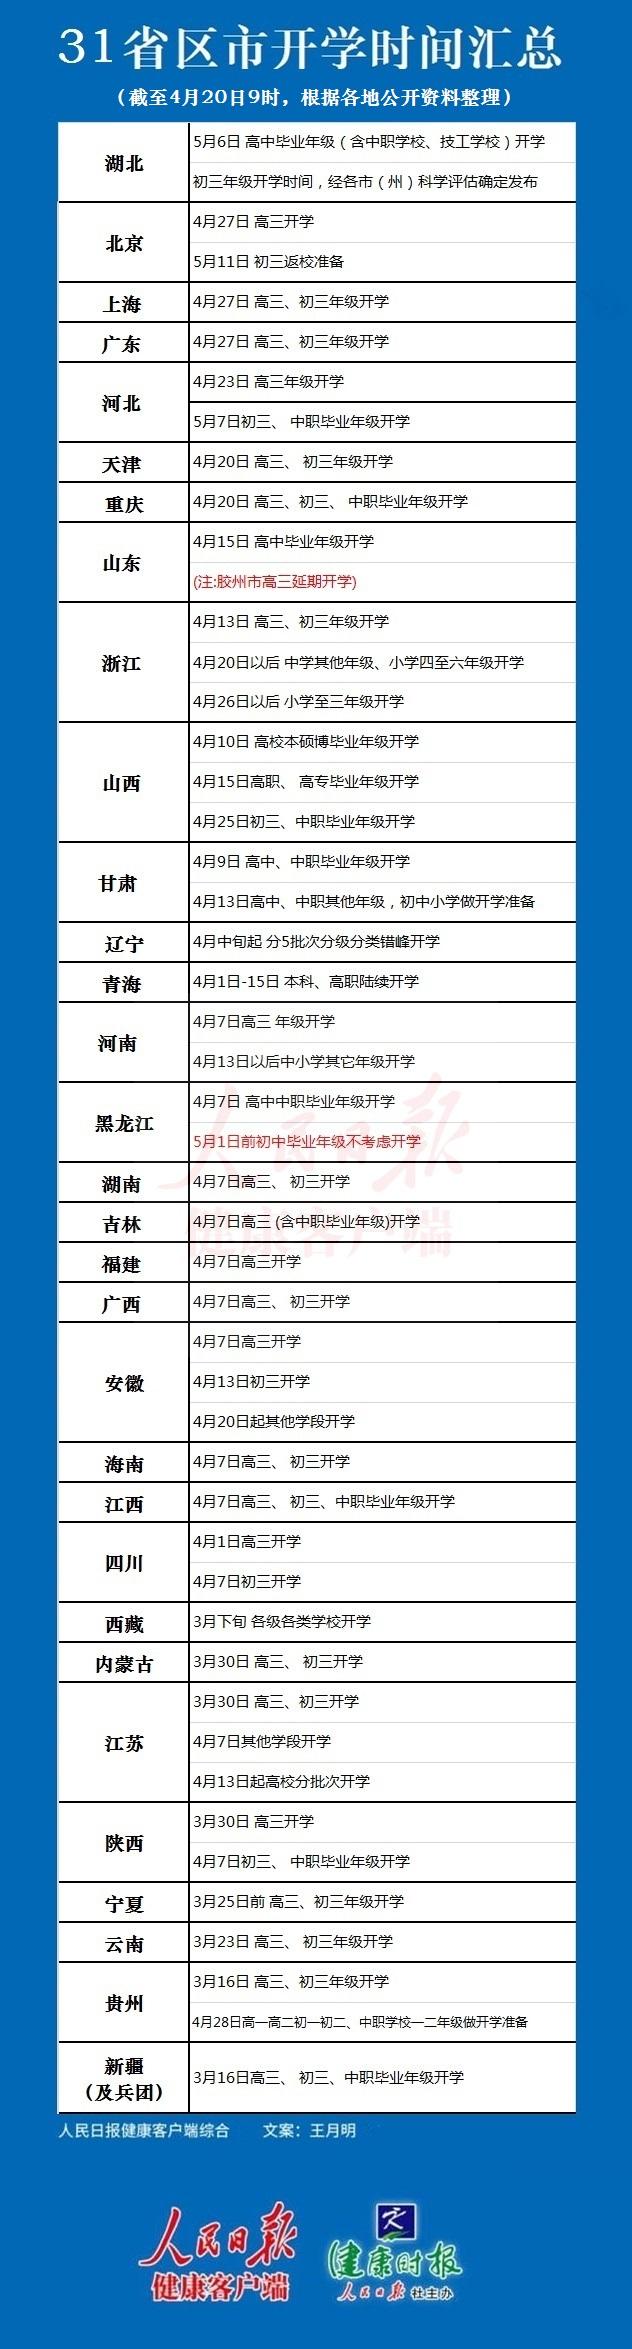 蓝冠官网:间公蓝冠官网布全国最新开学情况来图片